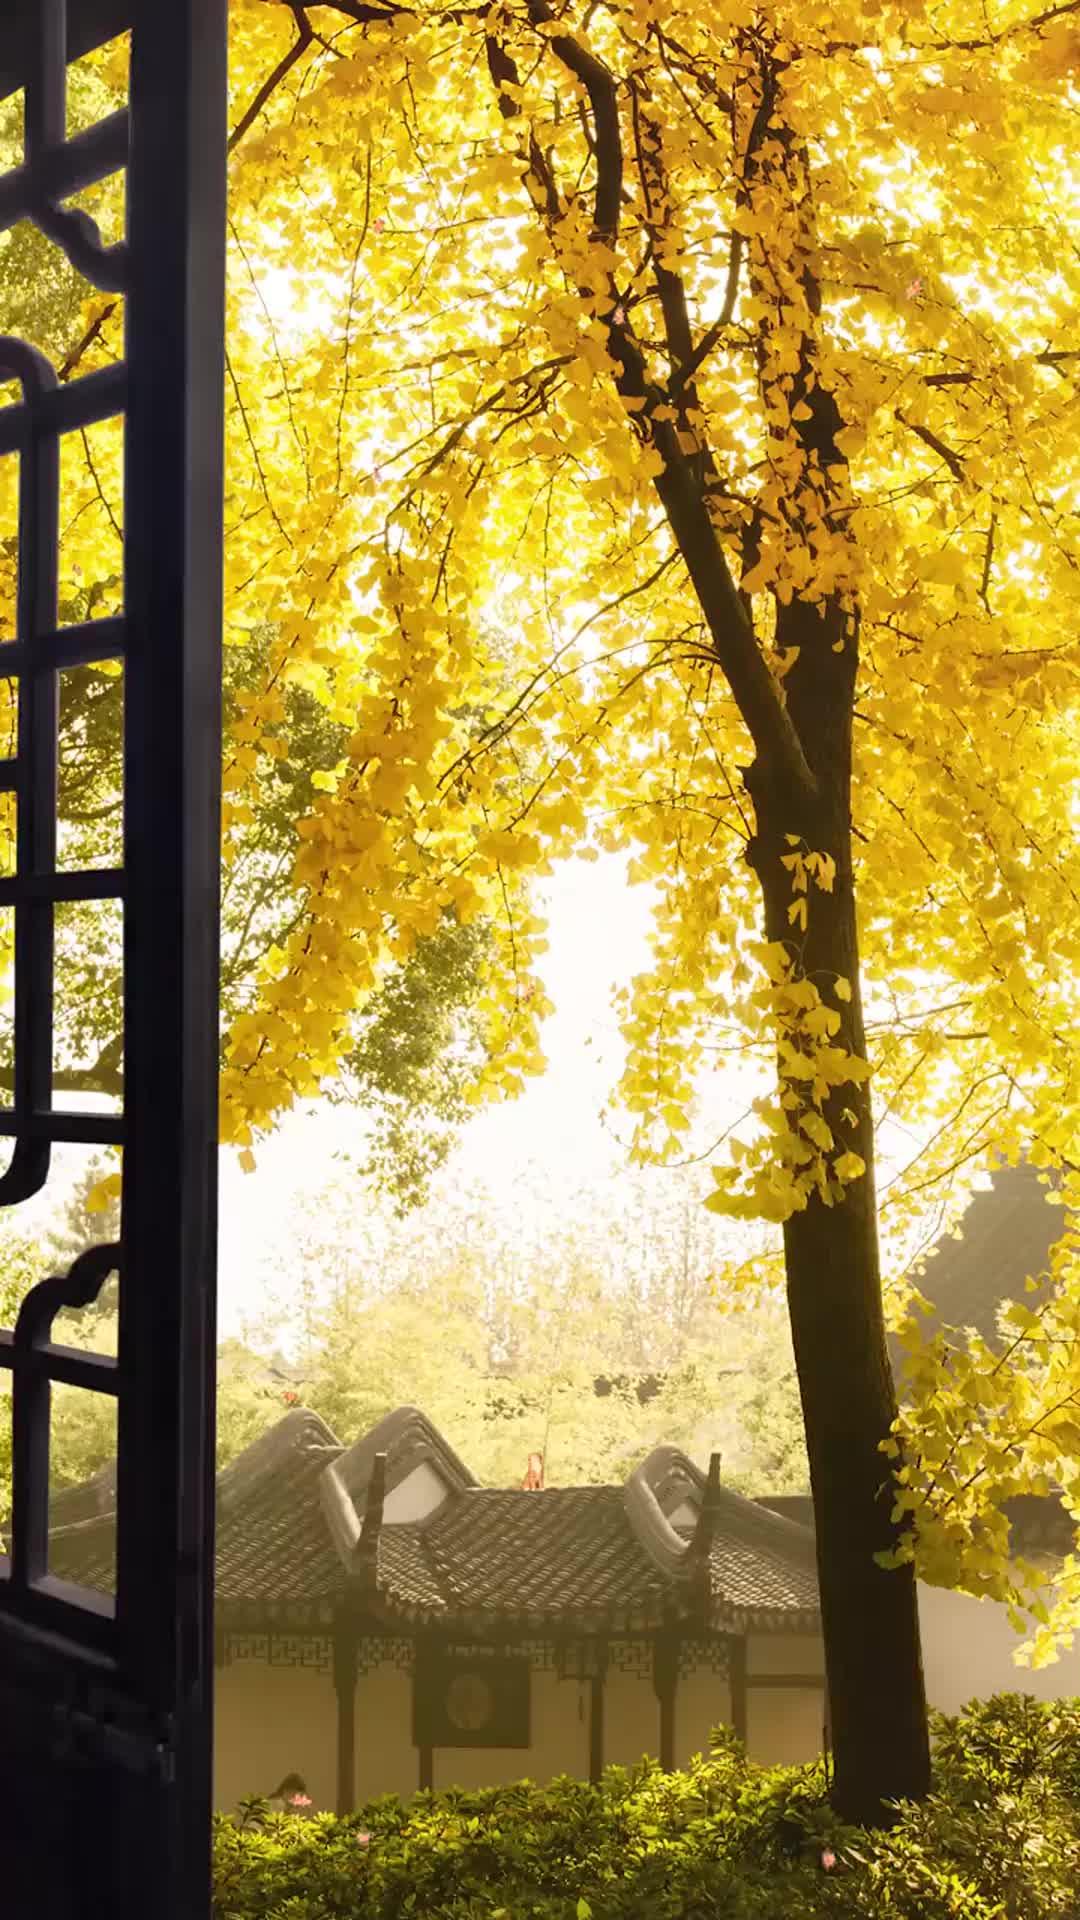 最近大热的一首《DJCandy&艺涛-夜色》饱含深情,深入人心